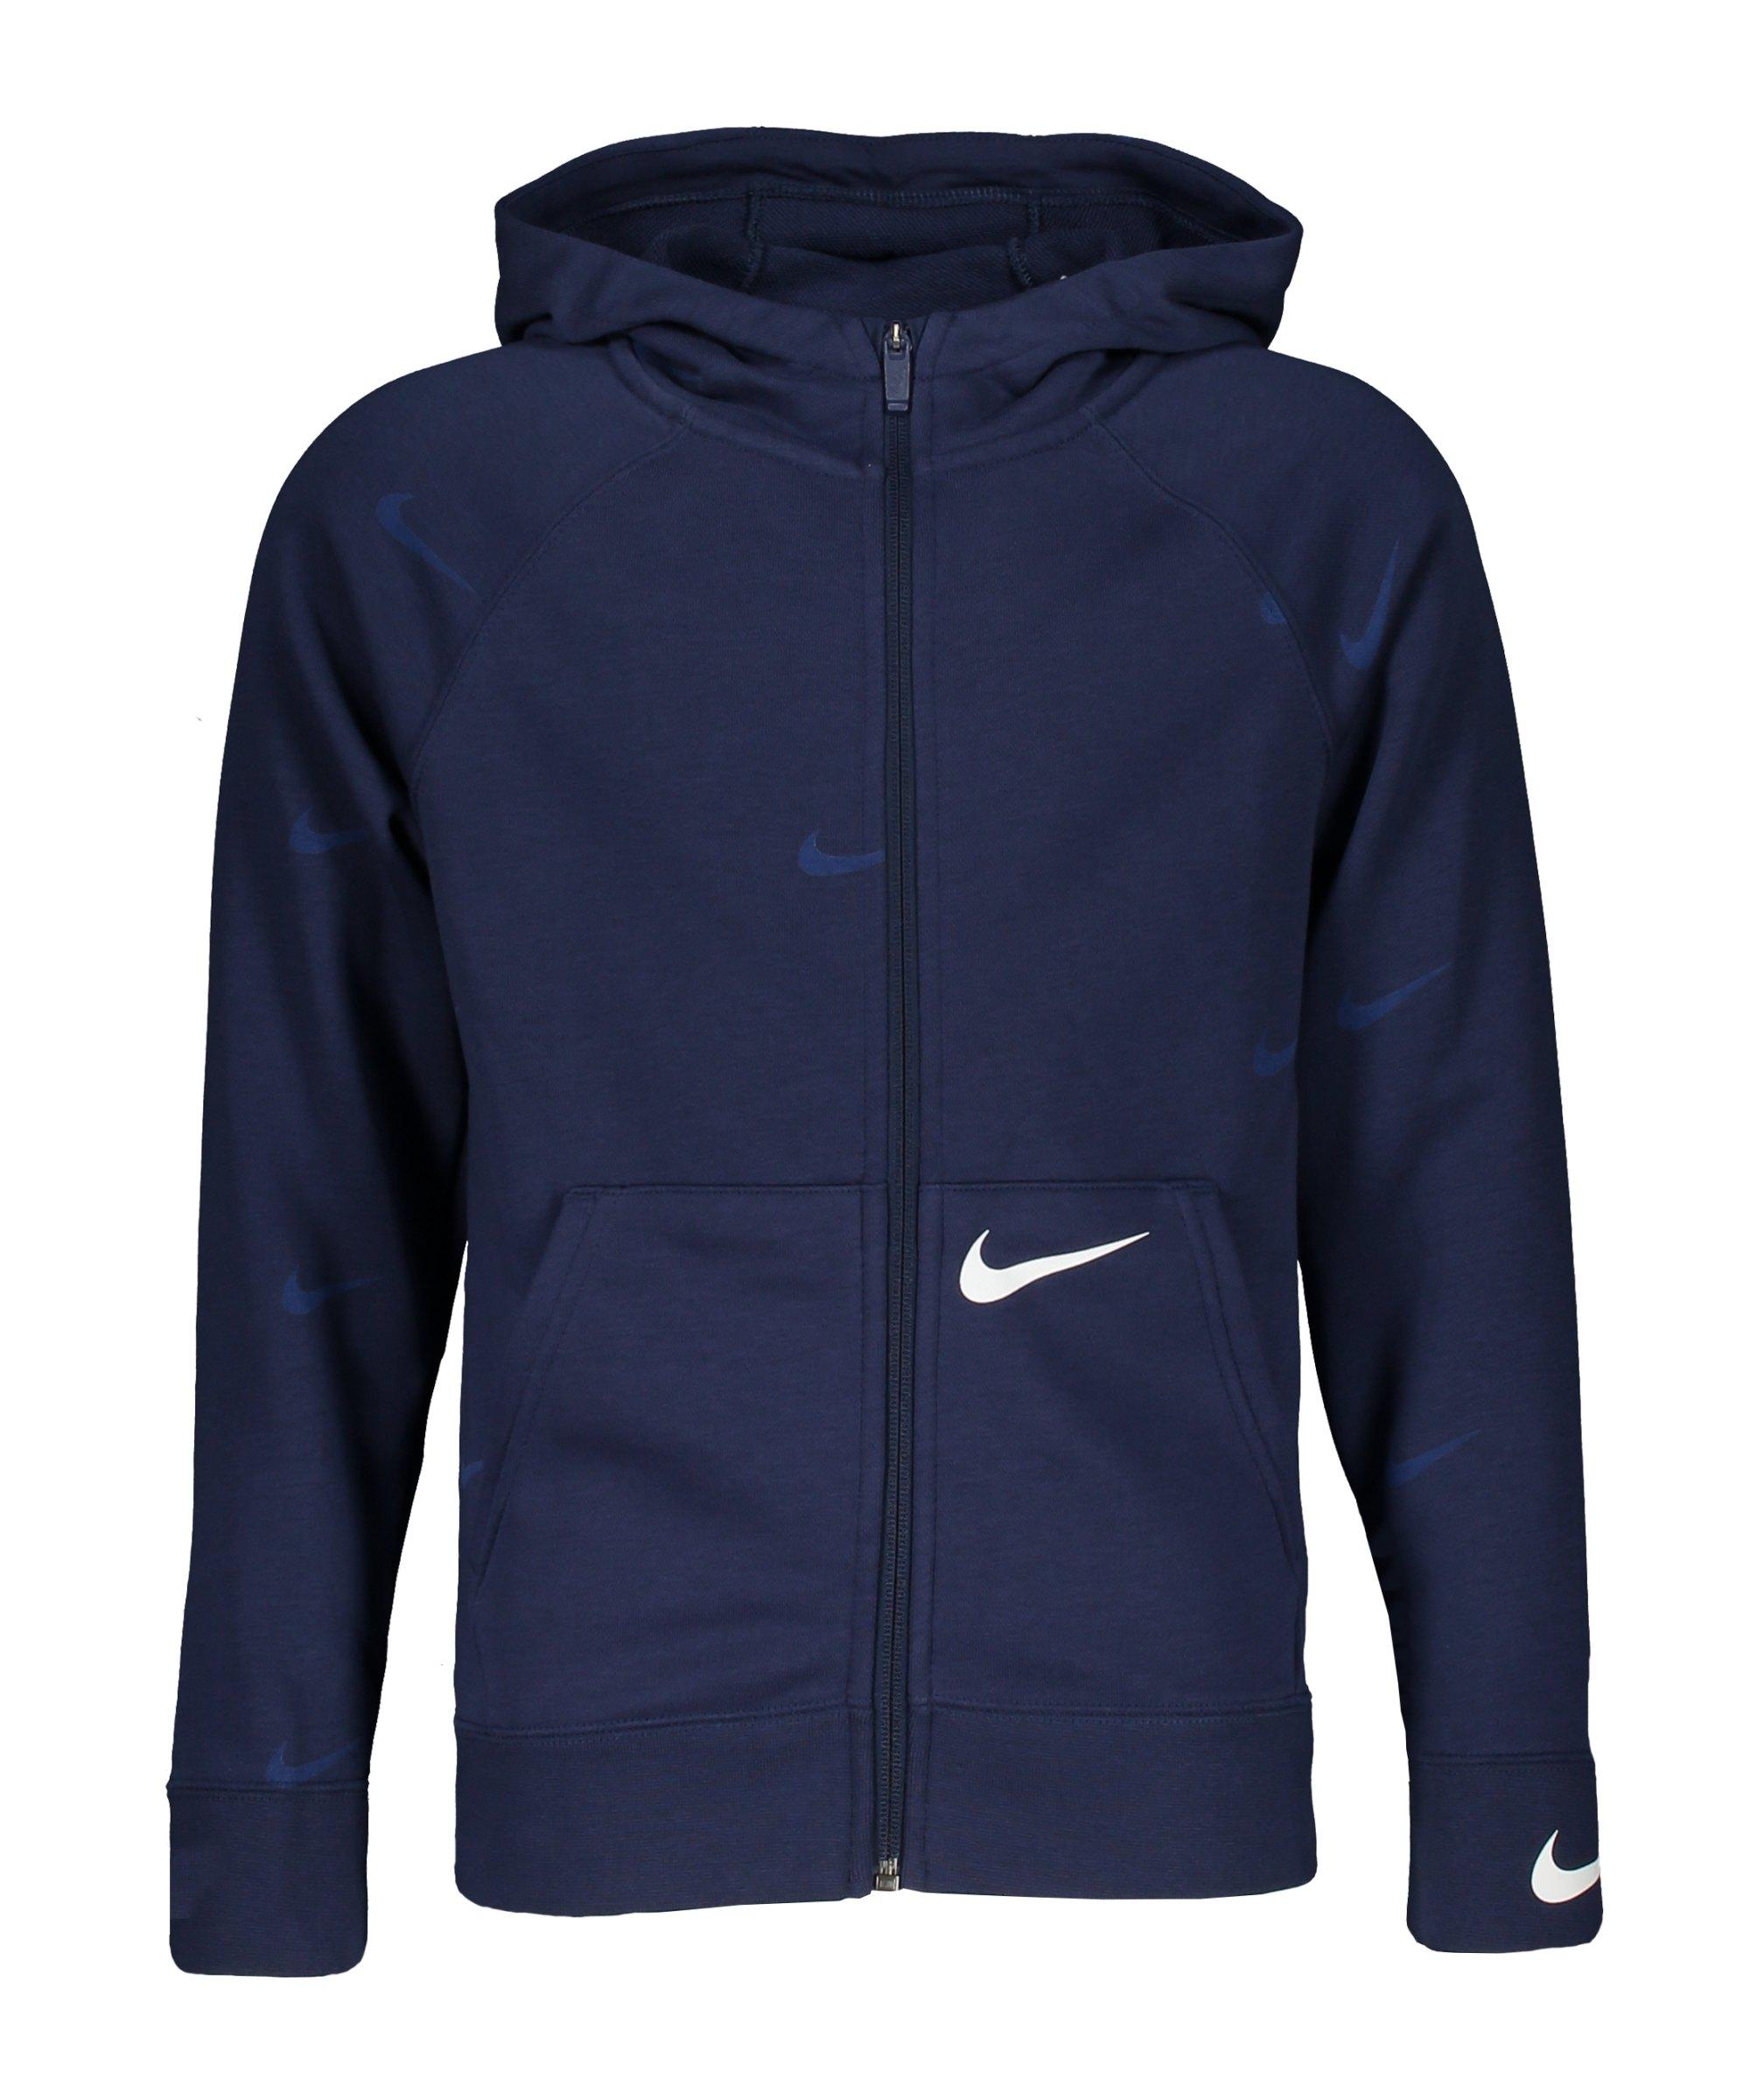 Nike Swoosh Kapuzenjacke Kids Blau F410 - blau